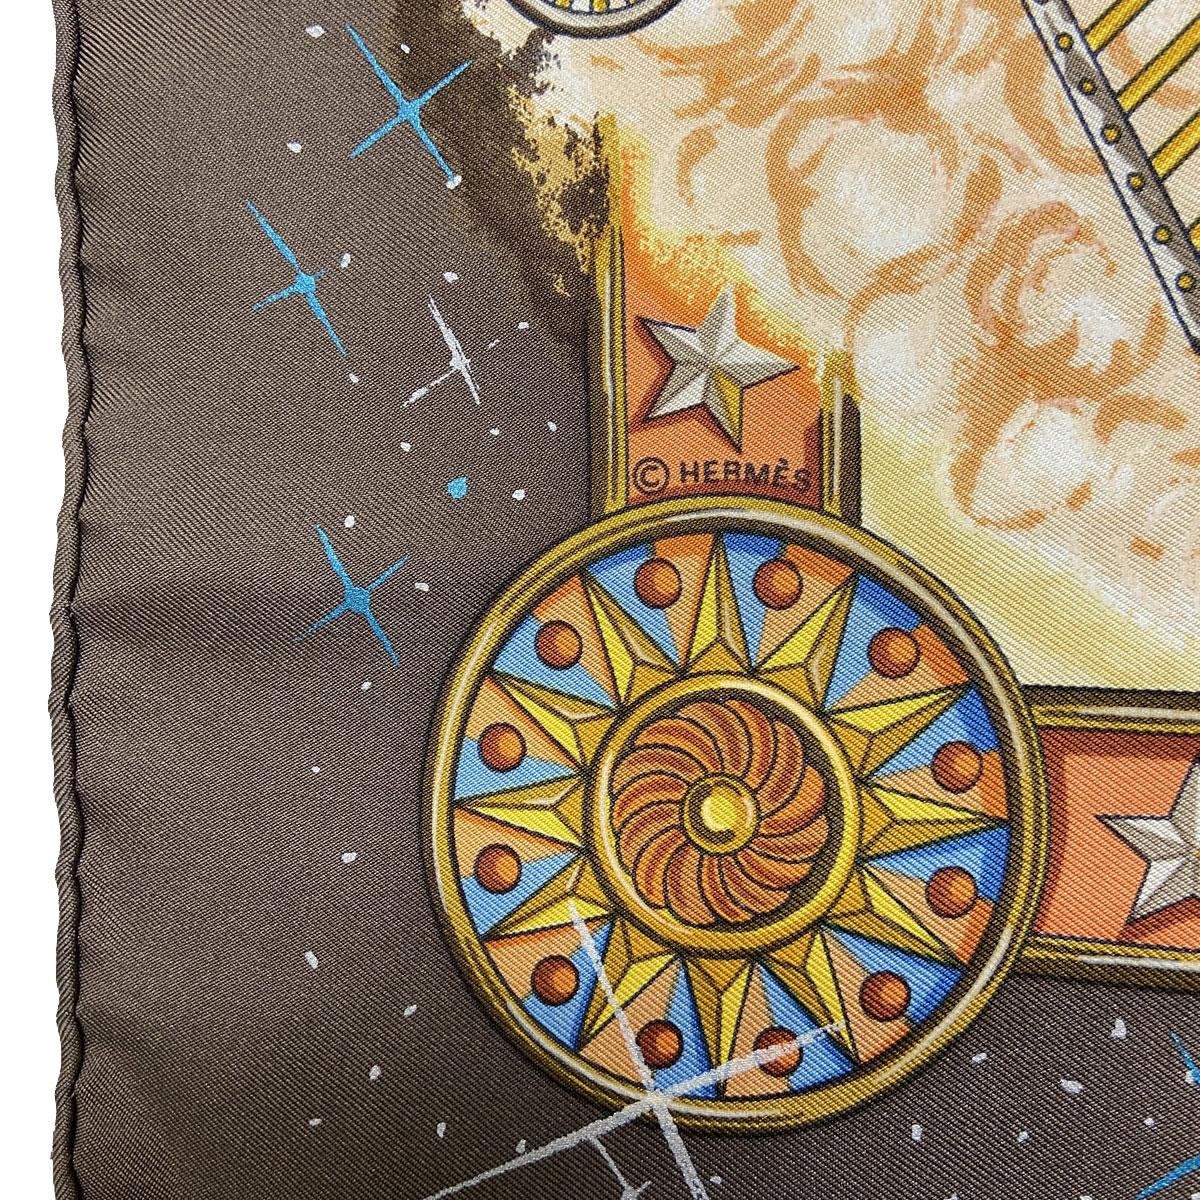 HERMES エルメス スカーフ カレ90 『LA MAGIE(マジック)』 シルク イエロー ブラウン